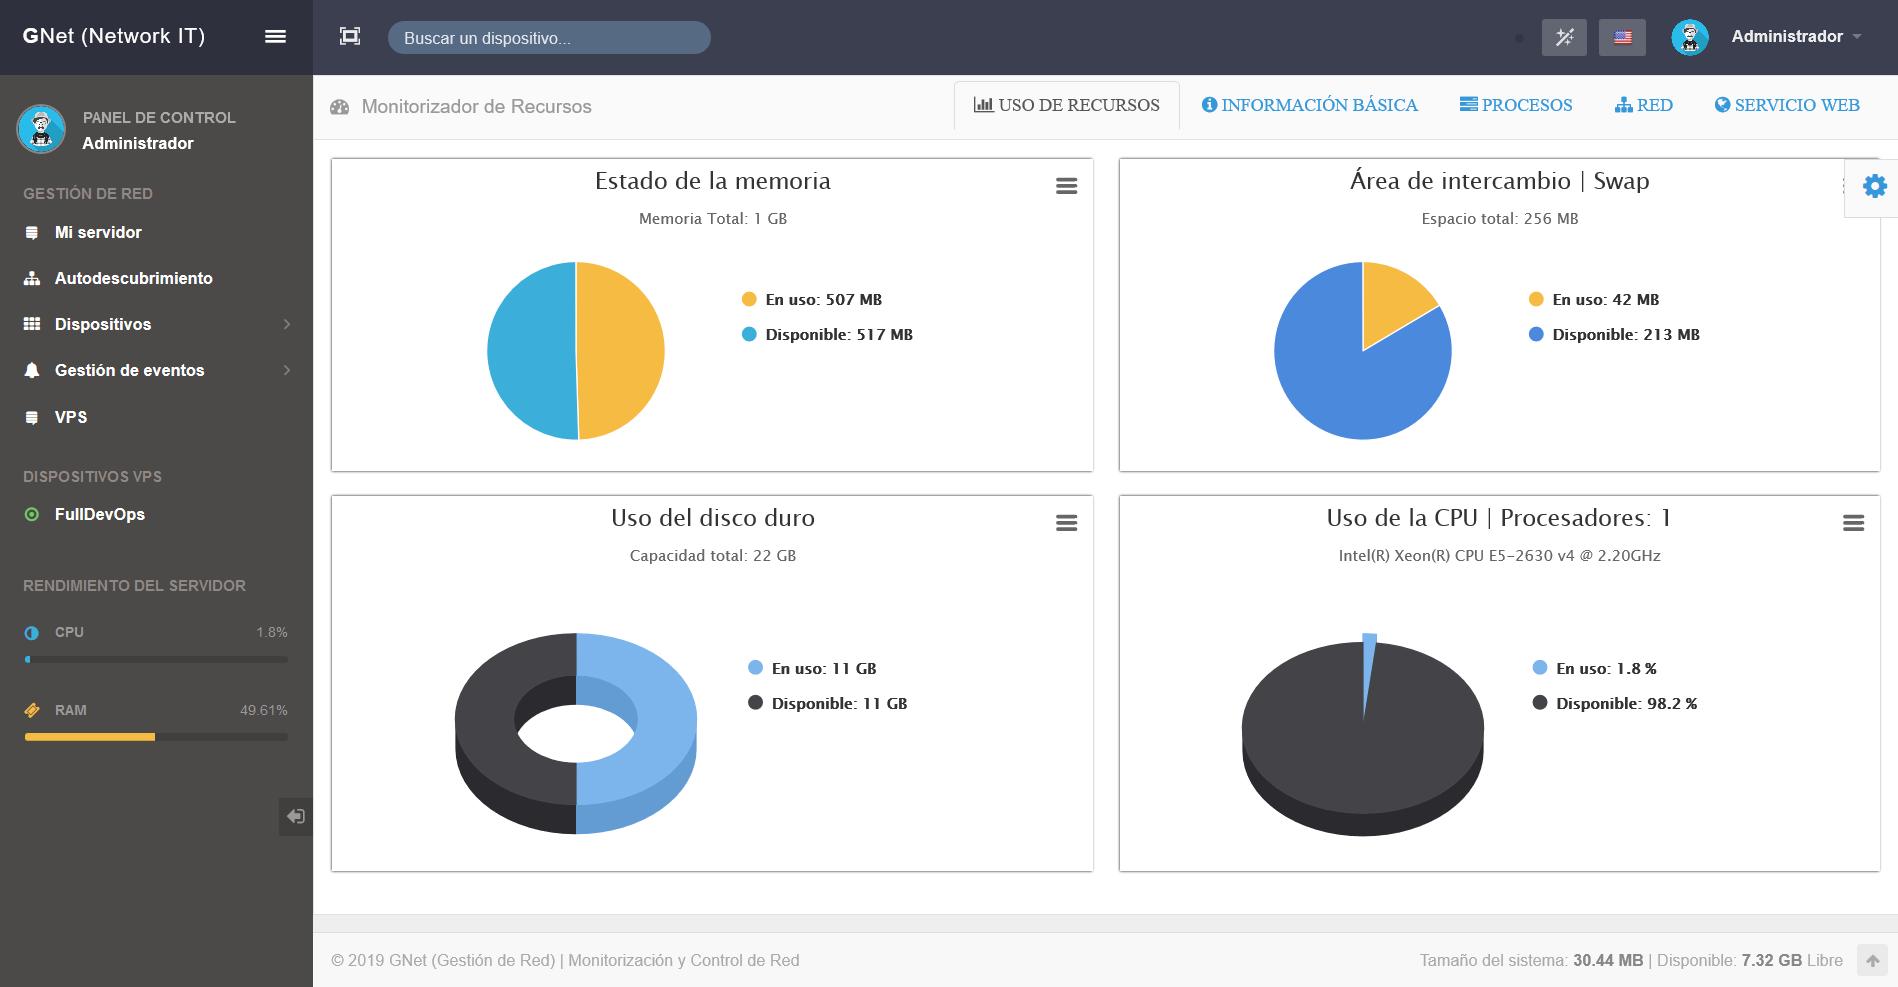 GNet - Monitorización de VPS II